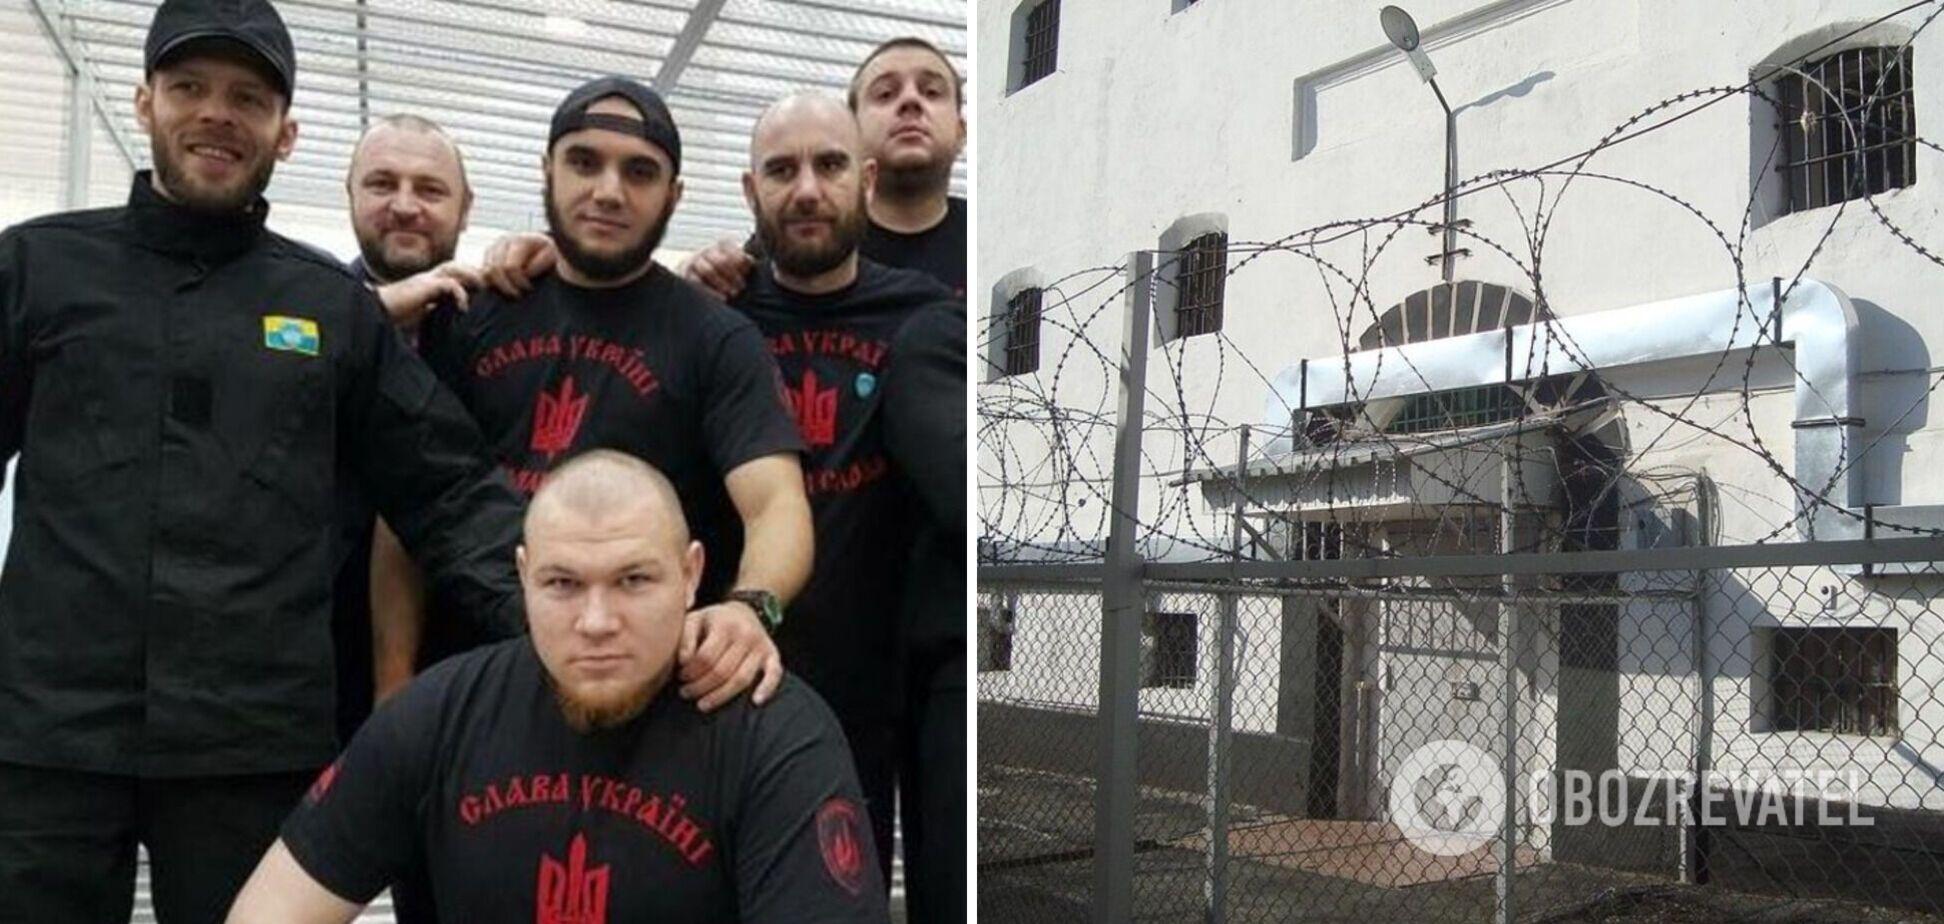 Суд отпустил нескольких экс-бойцов 'Торнадо', осужденных за насилие и пытки